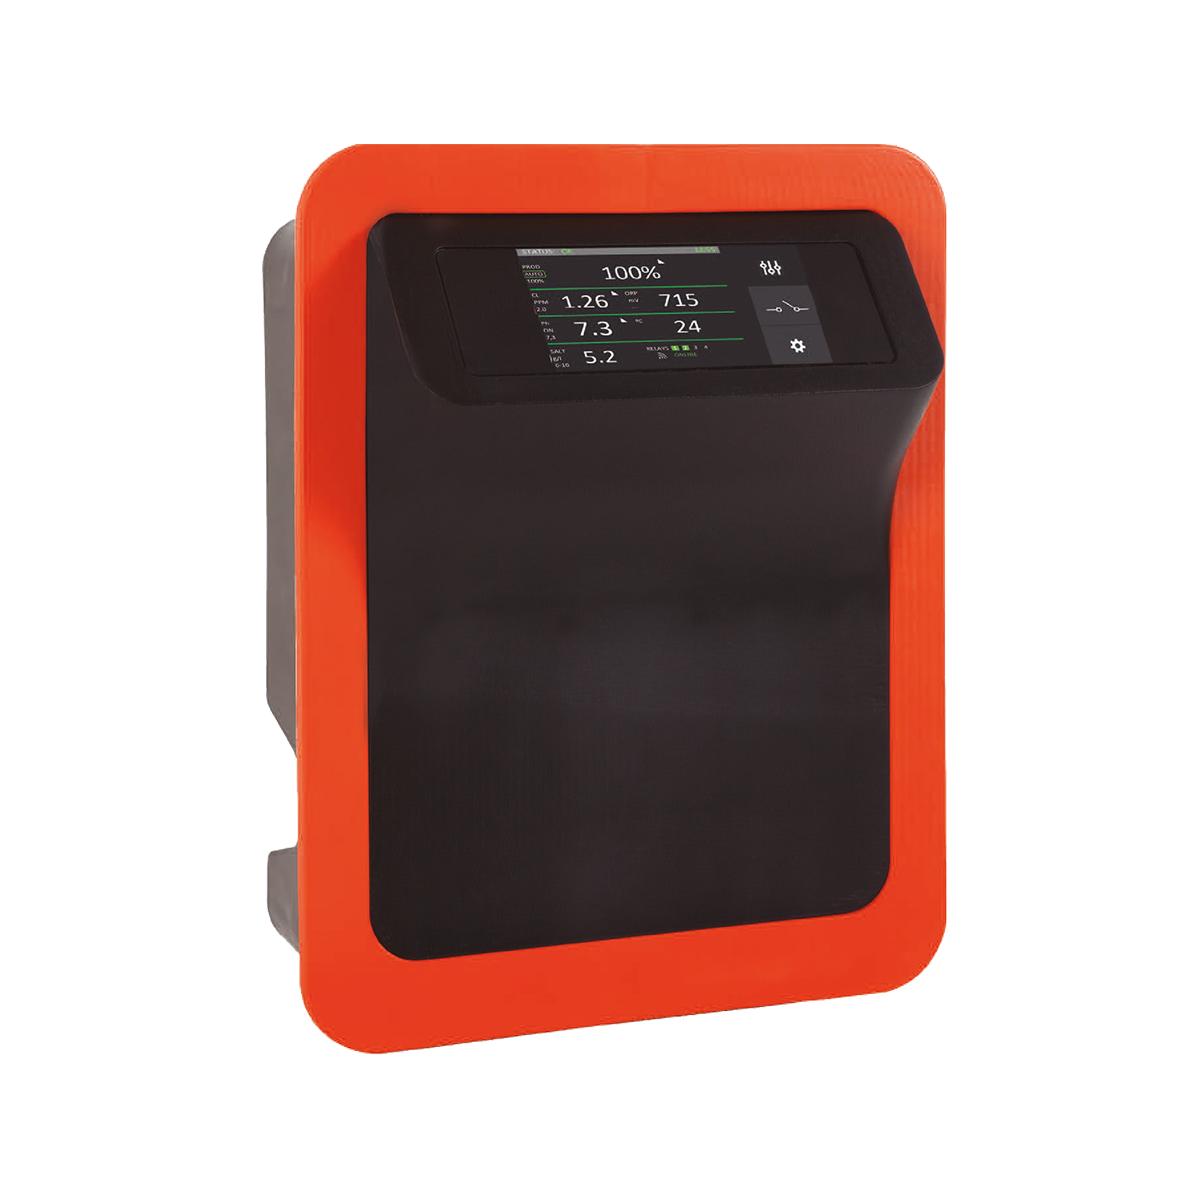 Smart Salzelektrolyseanlage PREMIUM-TOUCH-DOM 15g Cl/h selbstreinigende Zelle für private Pools bis 50m3 (Pumpenlaufzeit 8h) Smart Salzelektrolyseanlage PREMIUM-TOUCH-DOM 15g Cl/h selbstreinigende Zelle für private Pools bis 50m3 (Pumpenlaufzeit 8h)